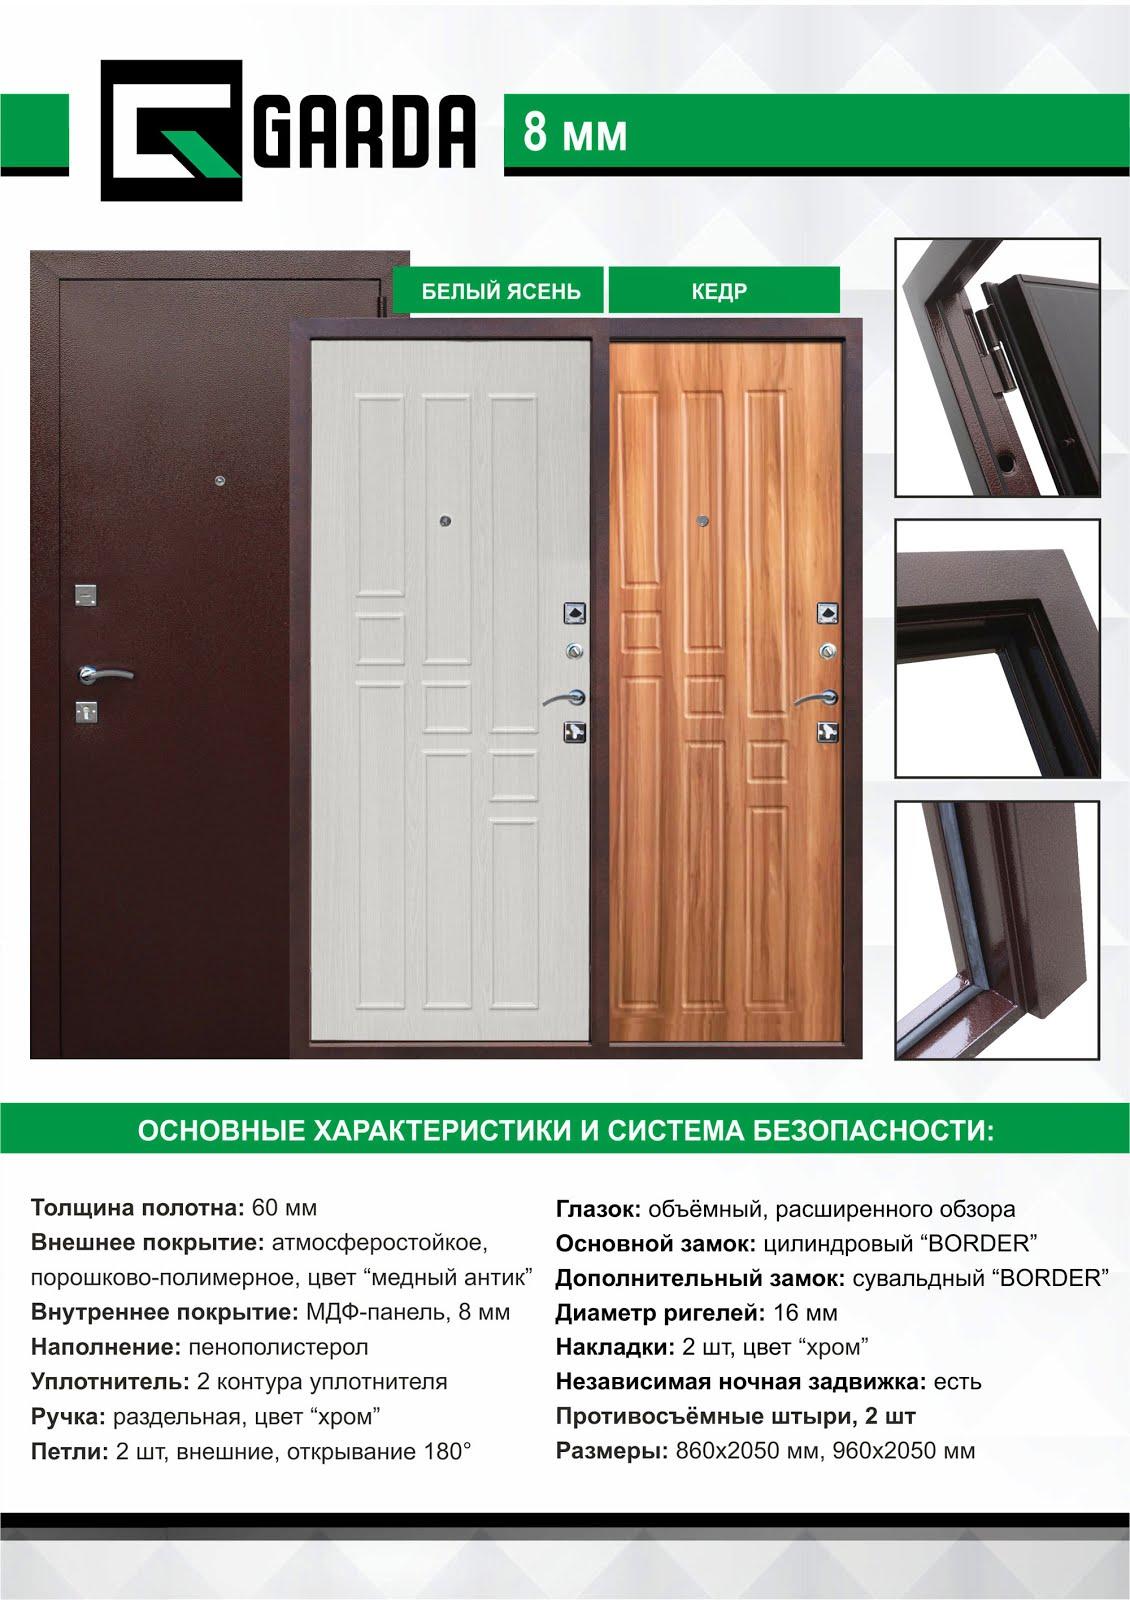 Успейте купить входную металлическую дверь по льготной цене!